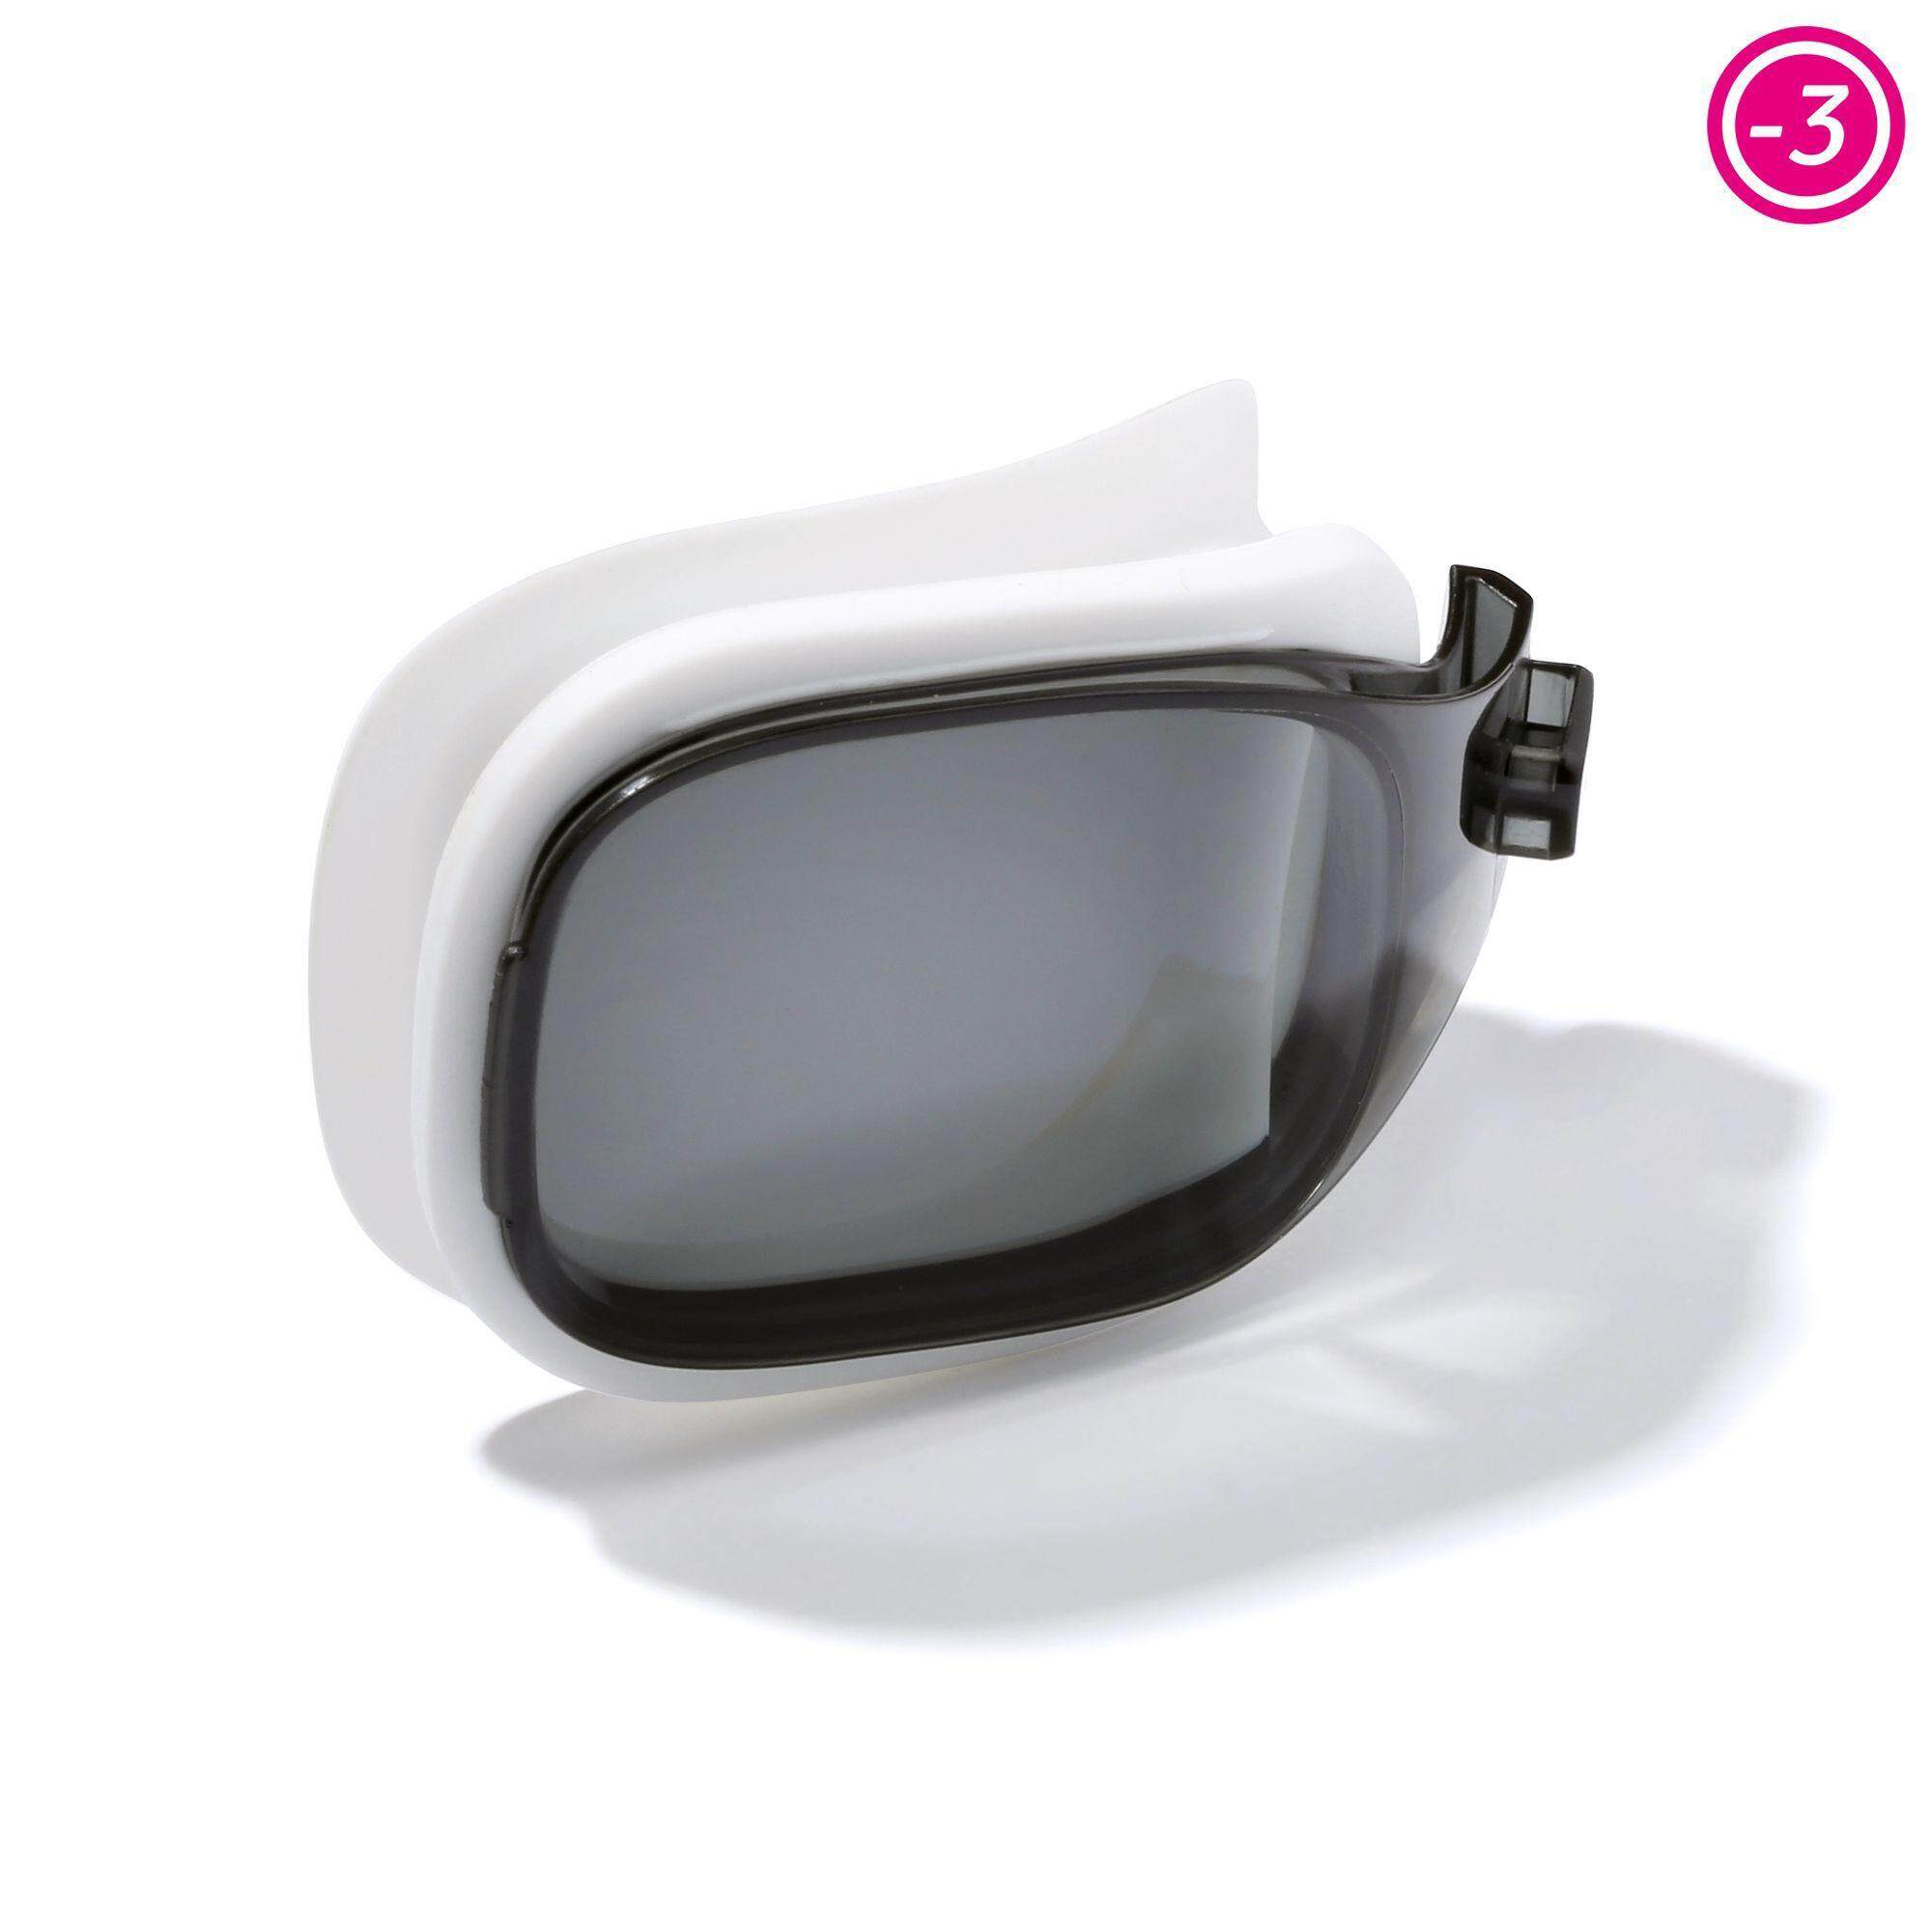 [ด่วน!! โปรโมชั่นมีจำนวนจำกัด]เลนส์ปรับสายตาสำหรับแว่นตาว่ายน้ำ รุ่น SELFIT ขนาด L (สี SMOKE) สายตาสั้น -3